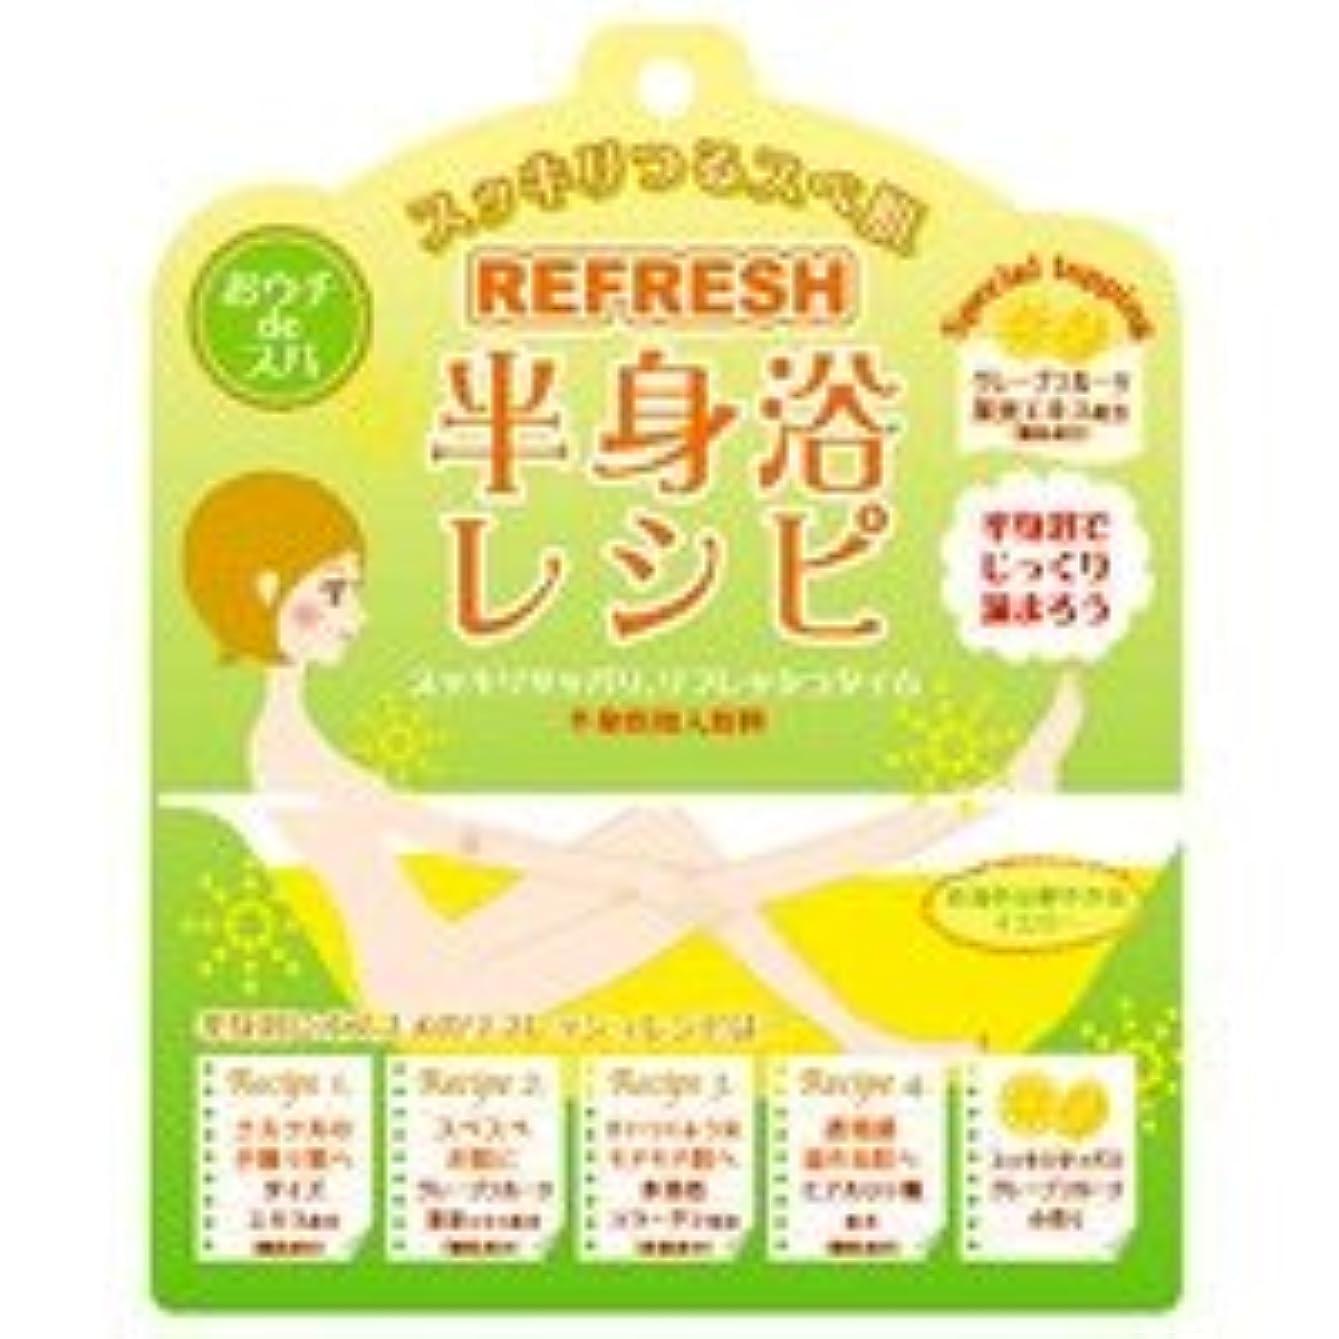 病気の奨学金エリート半身浴レシピ「リフレッシュレシピ」10個セット クリアイエローのお湯 スッキリサッパリなグレープフルーツの香り